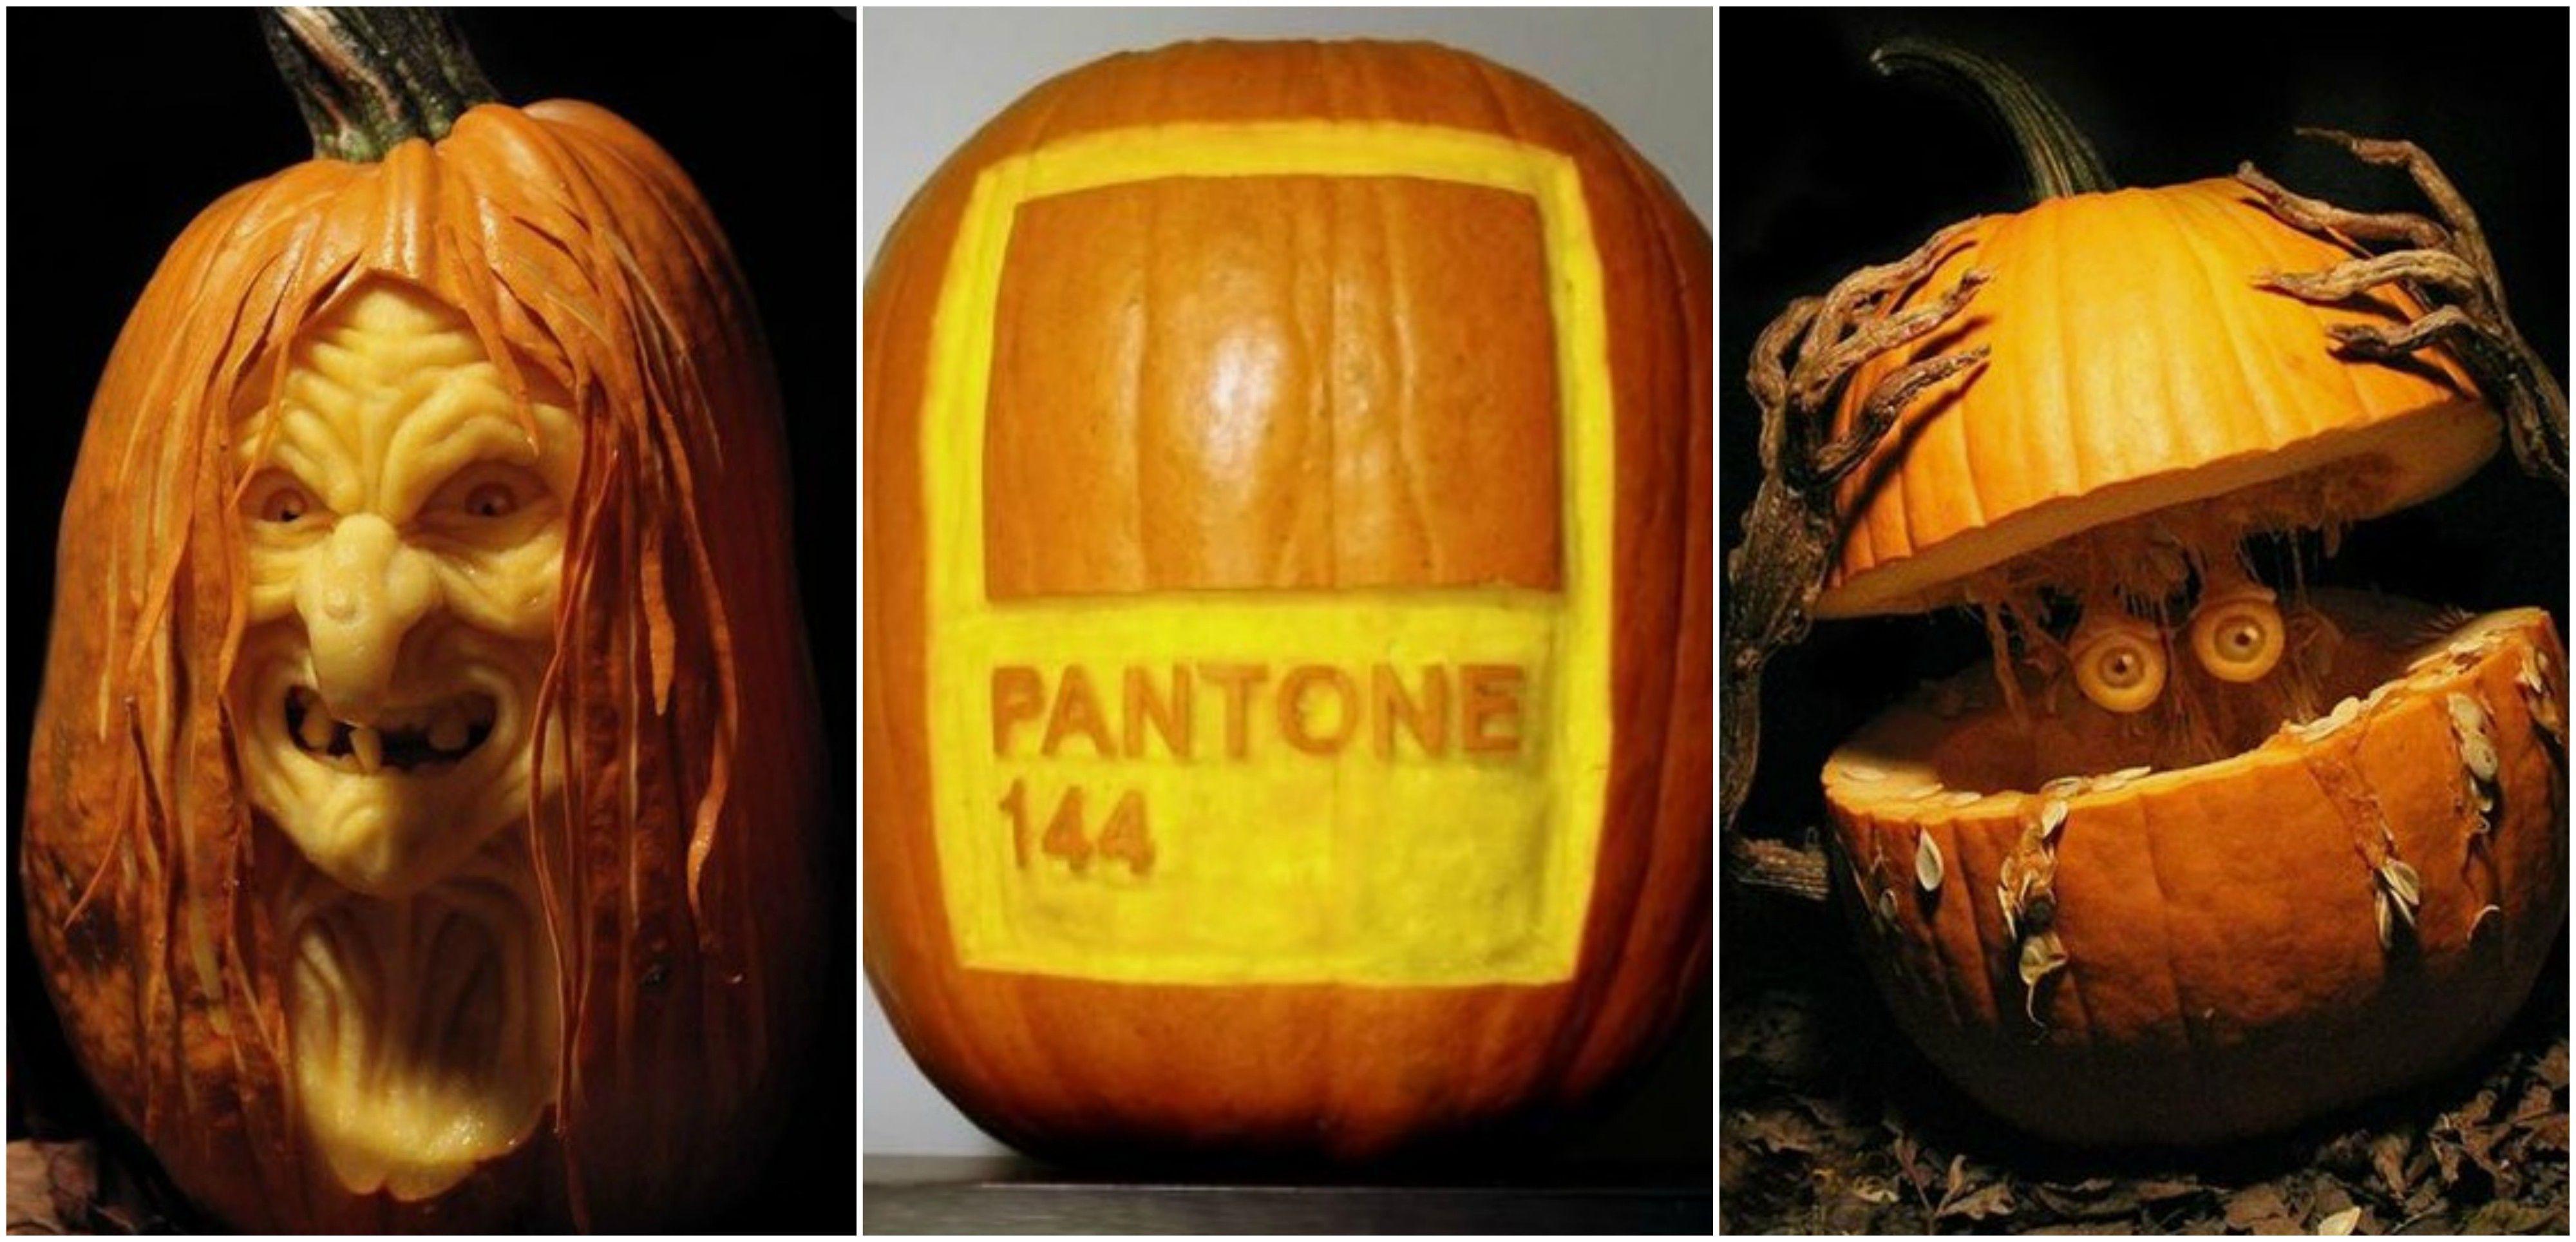 Halloween pumpkin ideas best pumpkin carving ideas